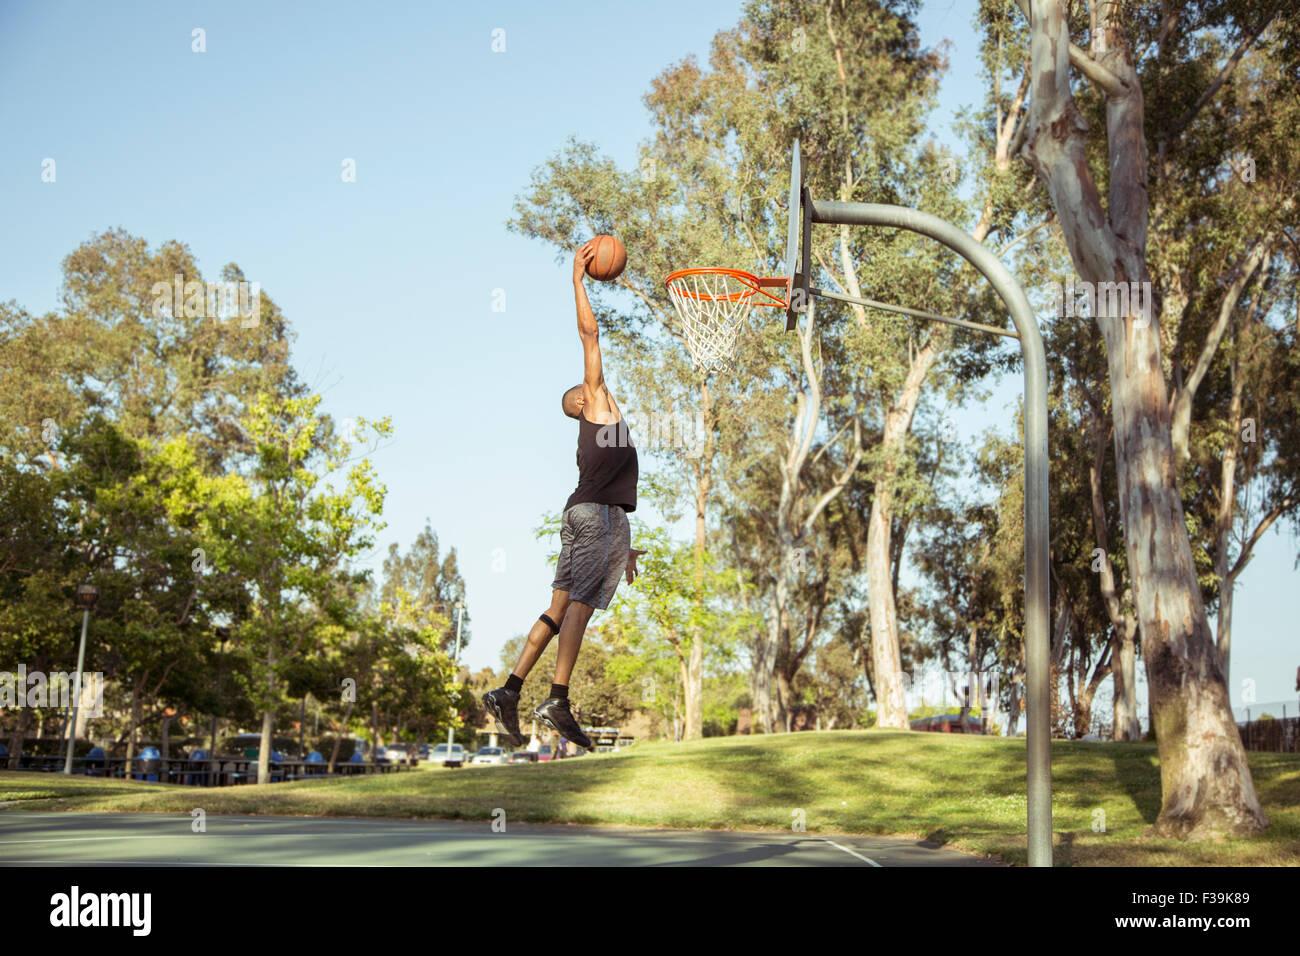 Prise de l'homme de paniers de basket-ball dans le parc au coucher du soleil Photo Stock